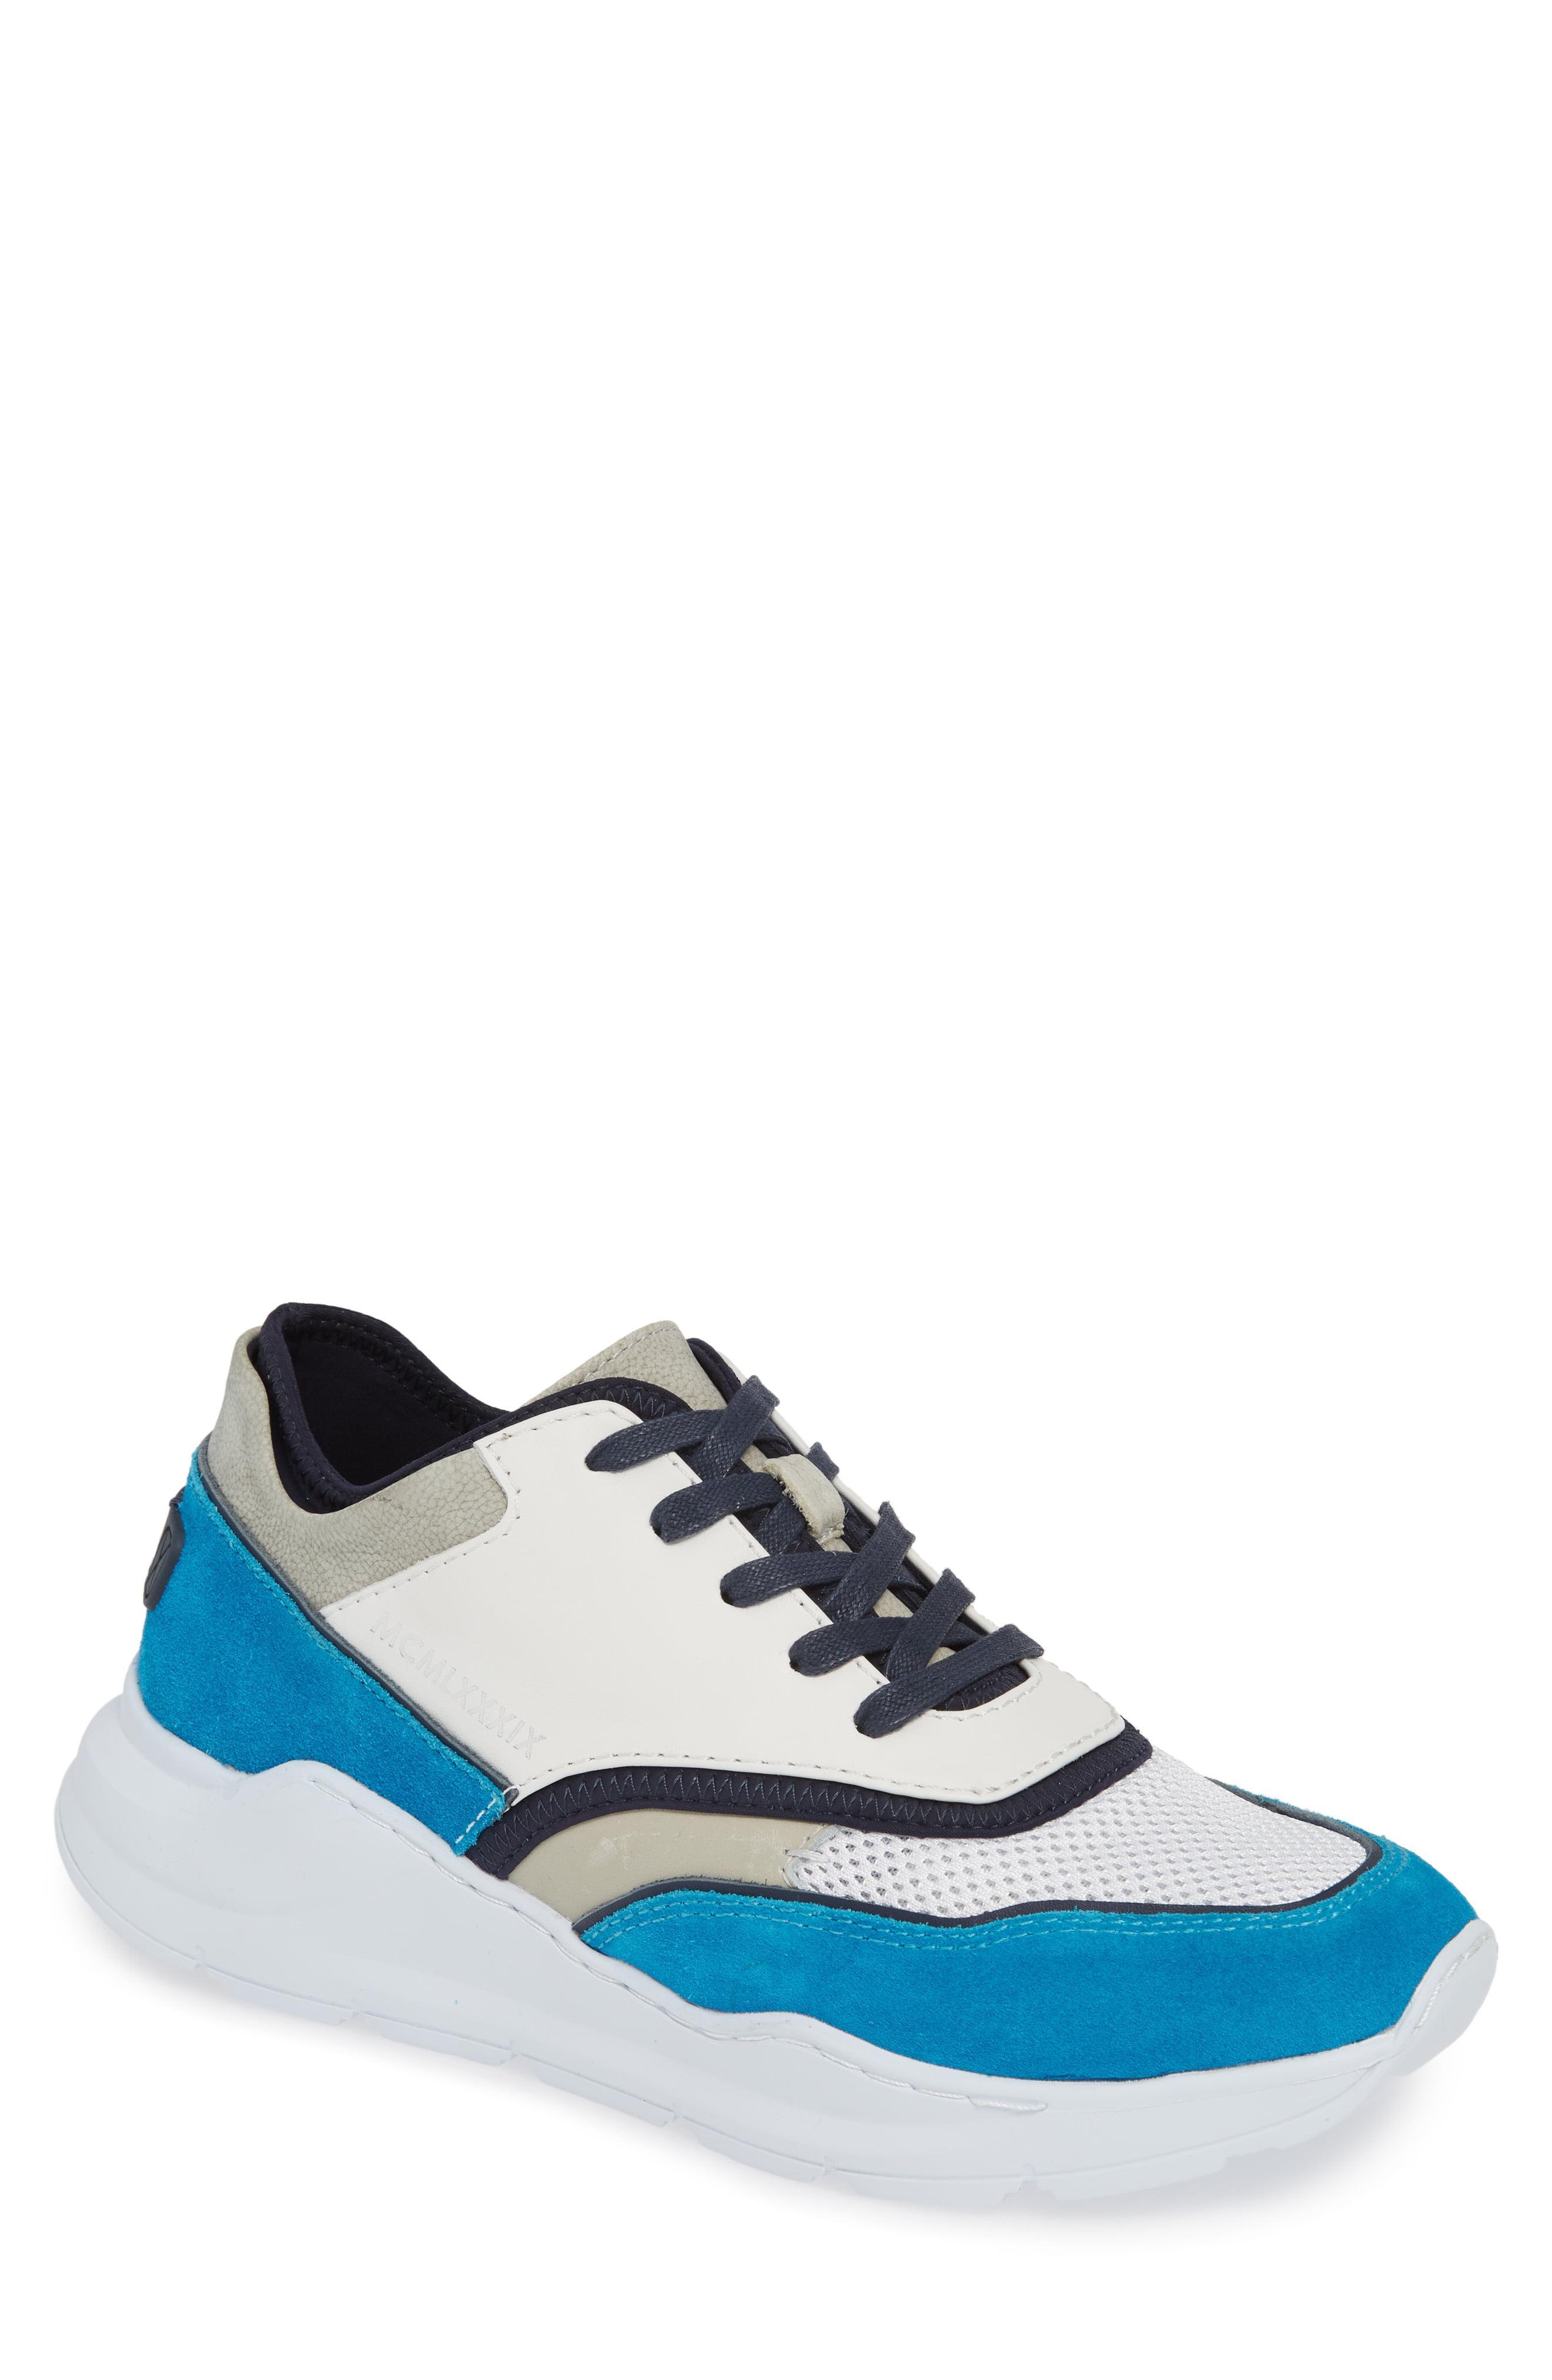 e799e327999 Lyst - Donald J Pliner Kirk Sneaker in Blue for Men